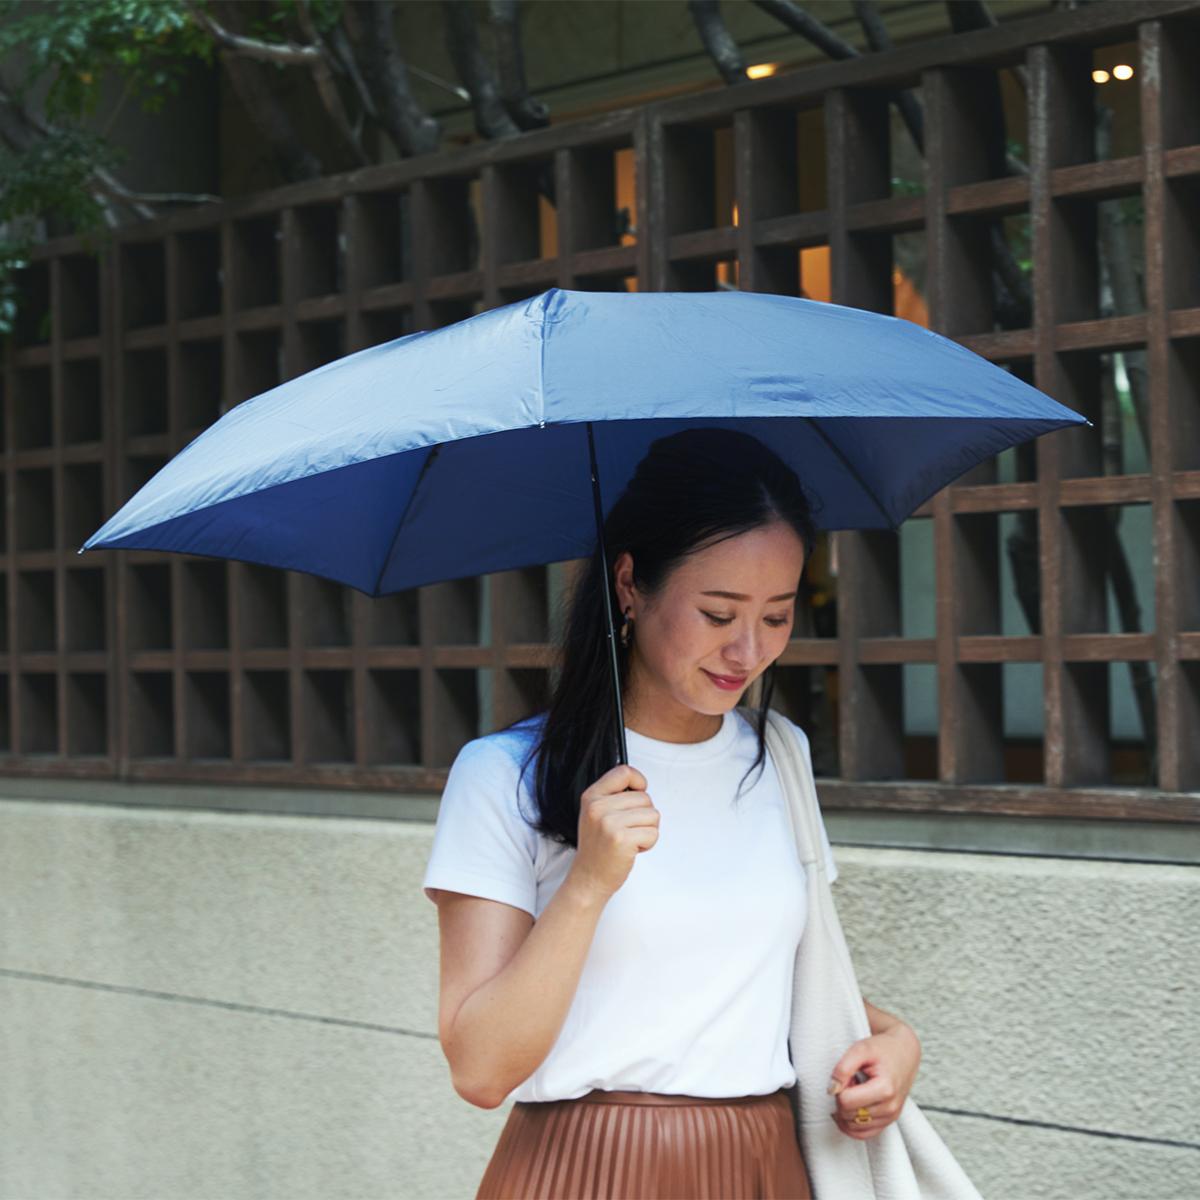 水はじきもバツグンだから、自然乾燥の時間も短くなり、お手入れがラク。水はじきバツグン、極細なのに耐風構造の「世界最軽量級折りたたみ傘」|Pentagon72